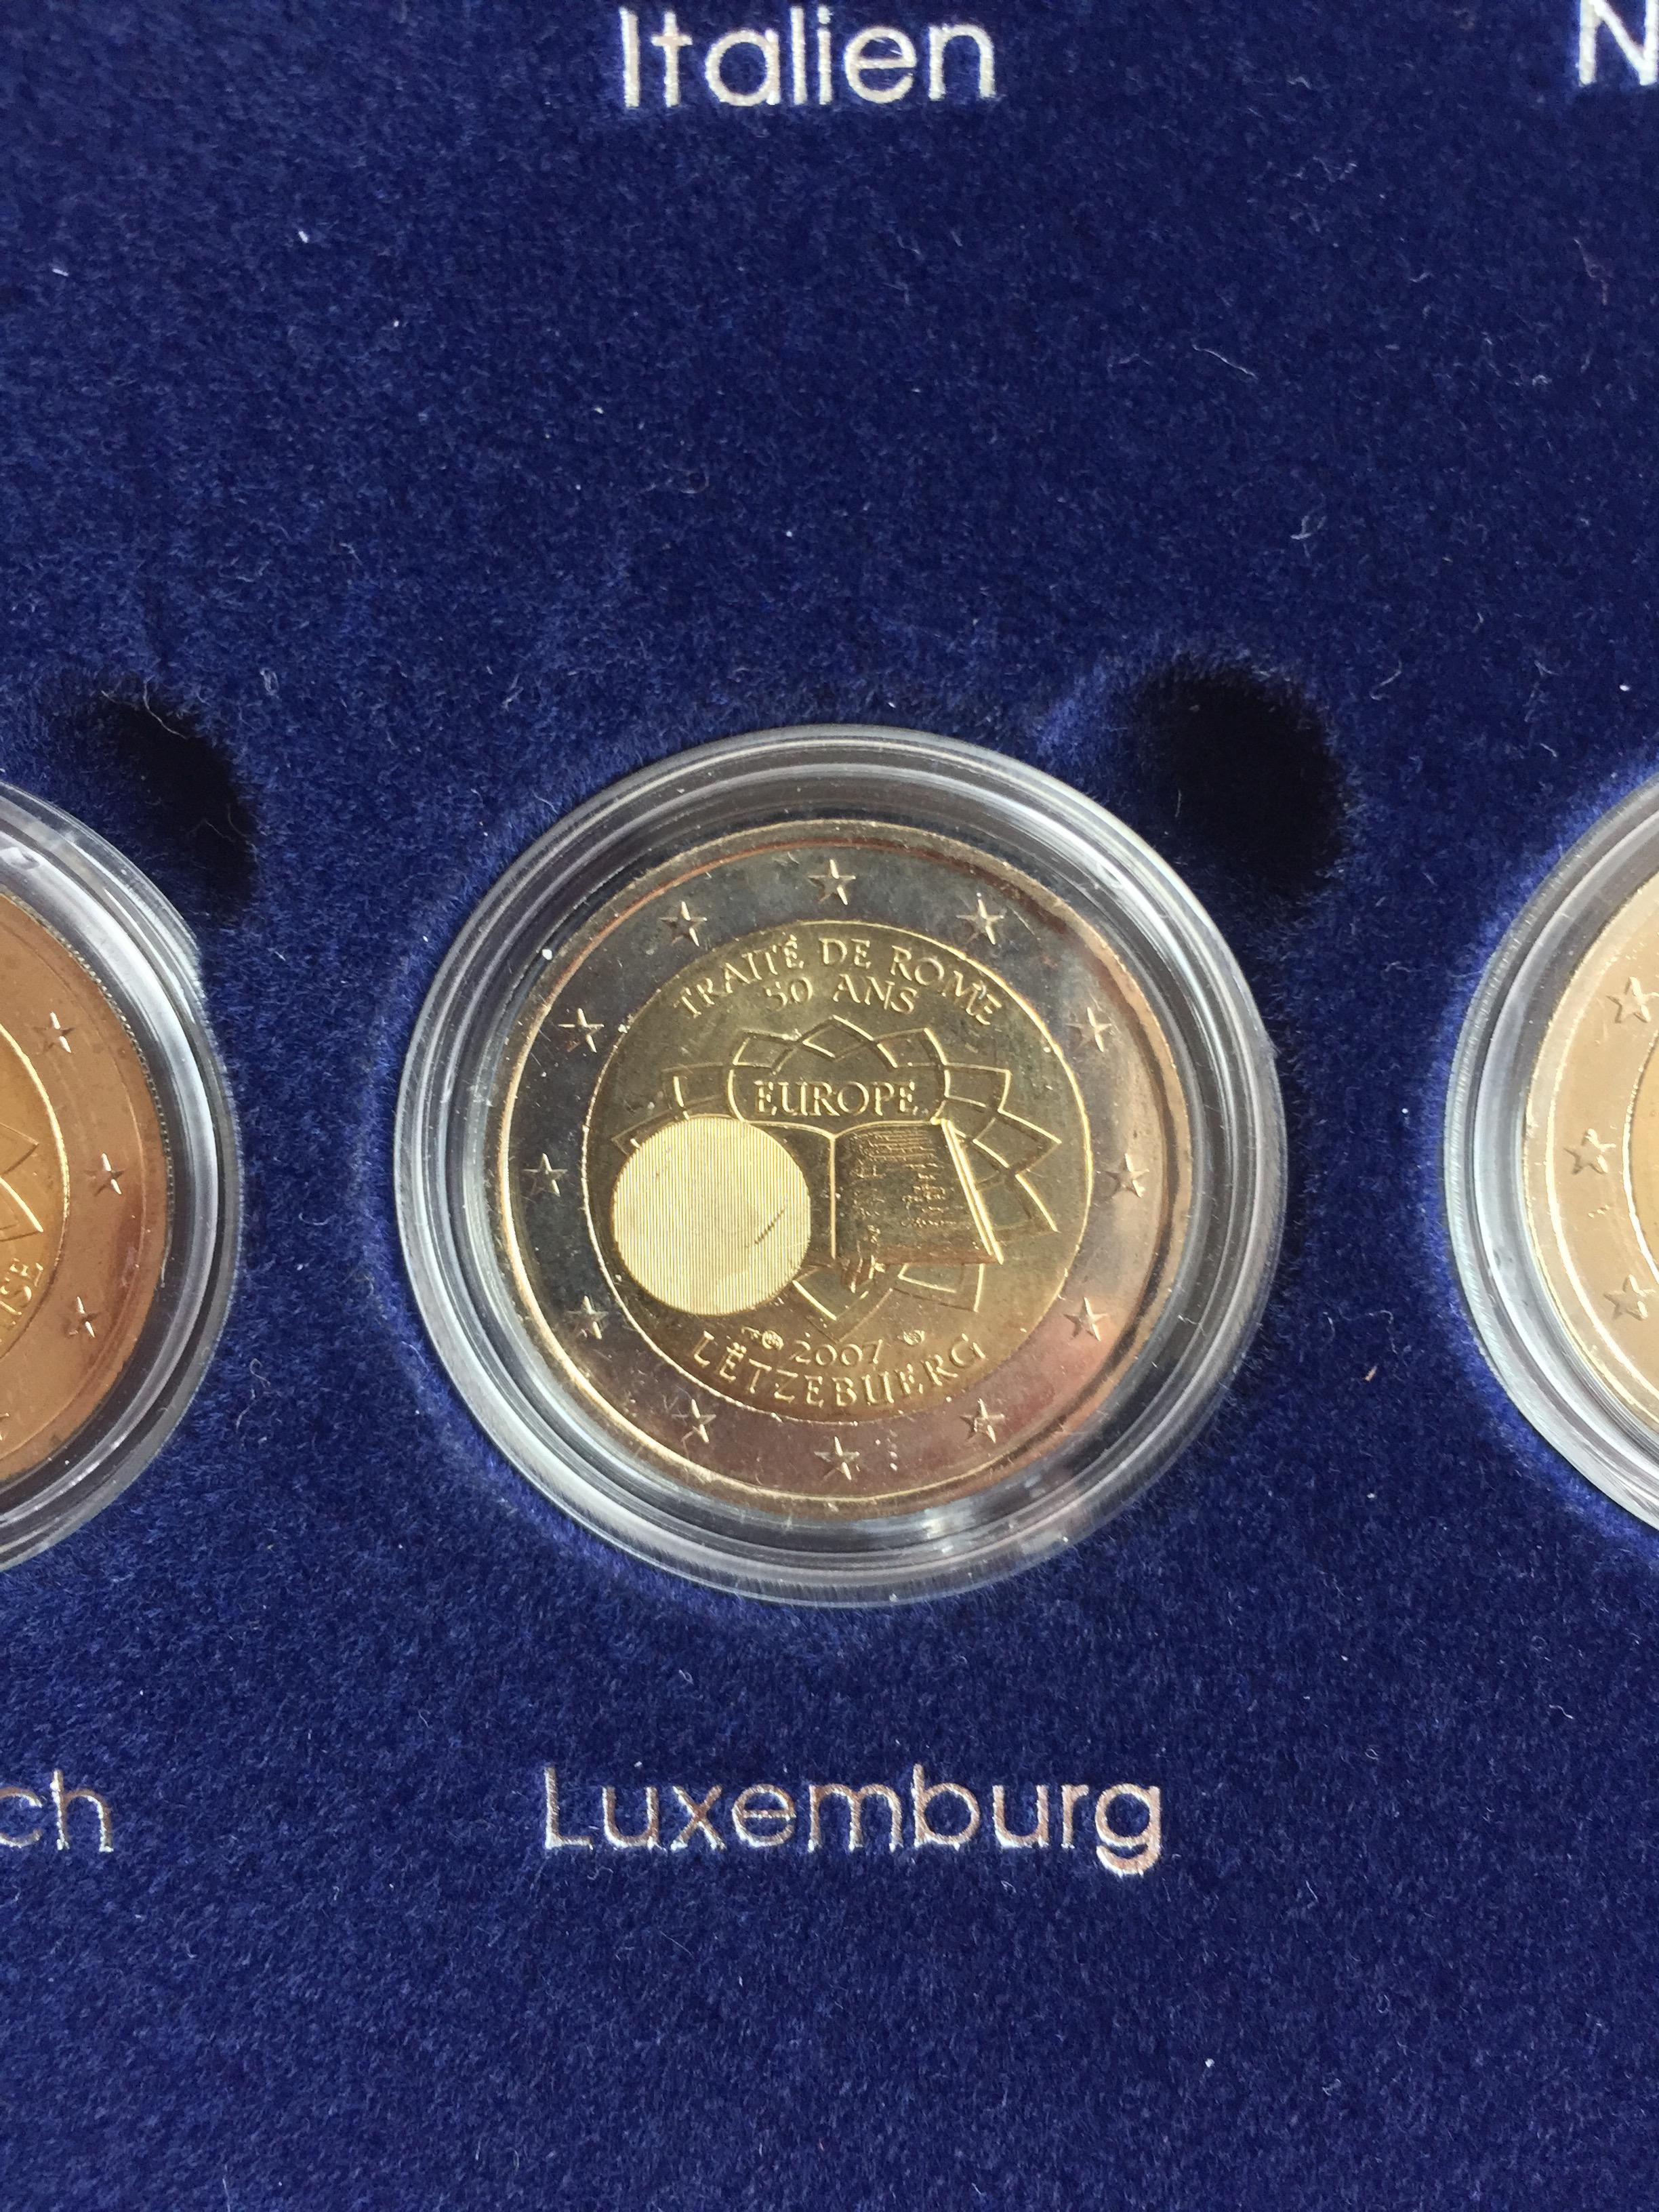 2 Münze Römische Verträge Fehlprägung